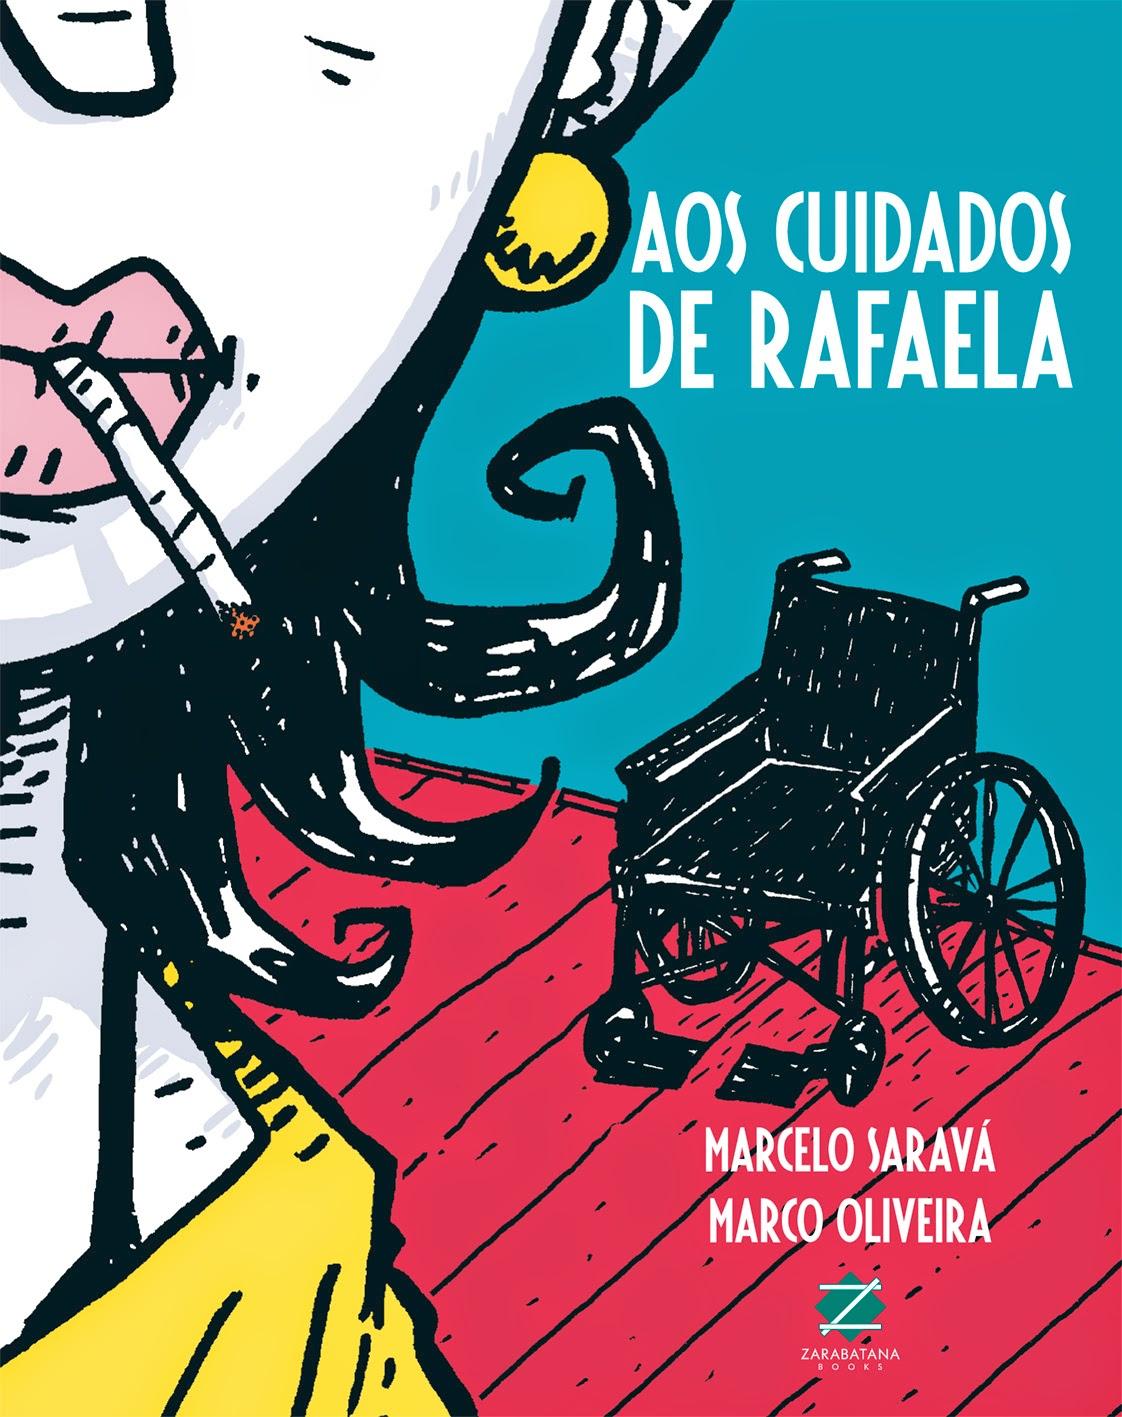 AOS CUIDADOS DE RAFAELA - MULTIVERSO NEWS